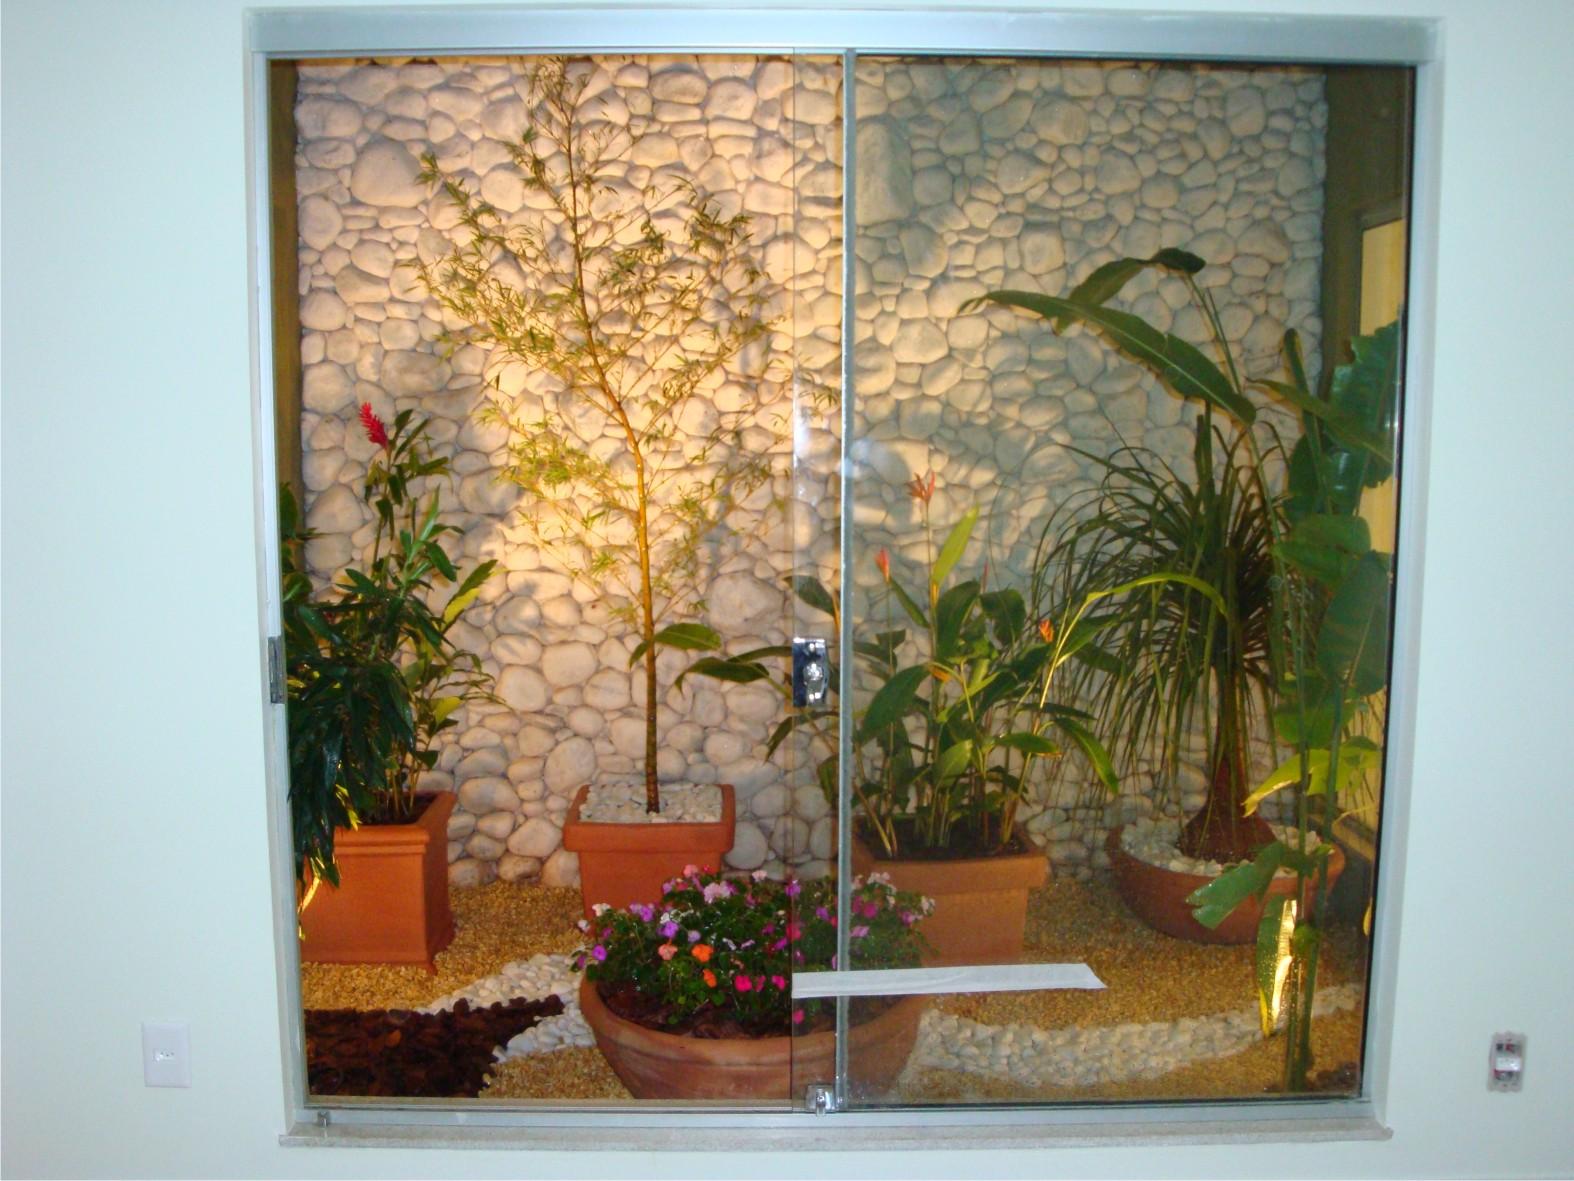 Pincel Magia Arte Decoração: Jardim de Inverno #A76E24 1574 1181